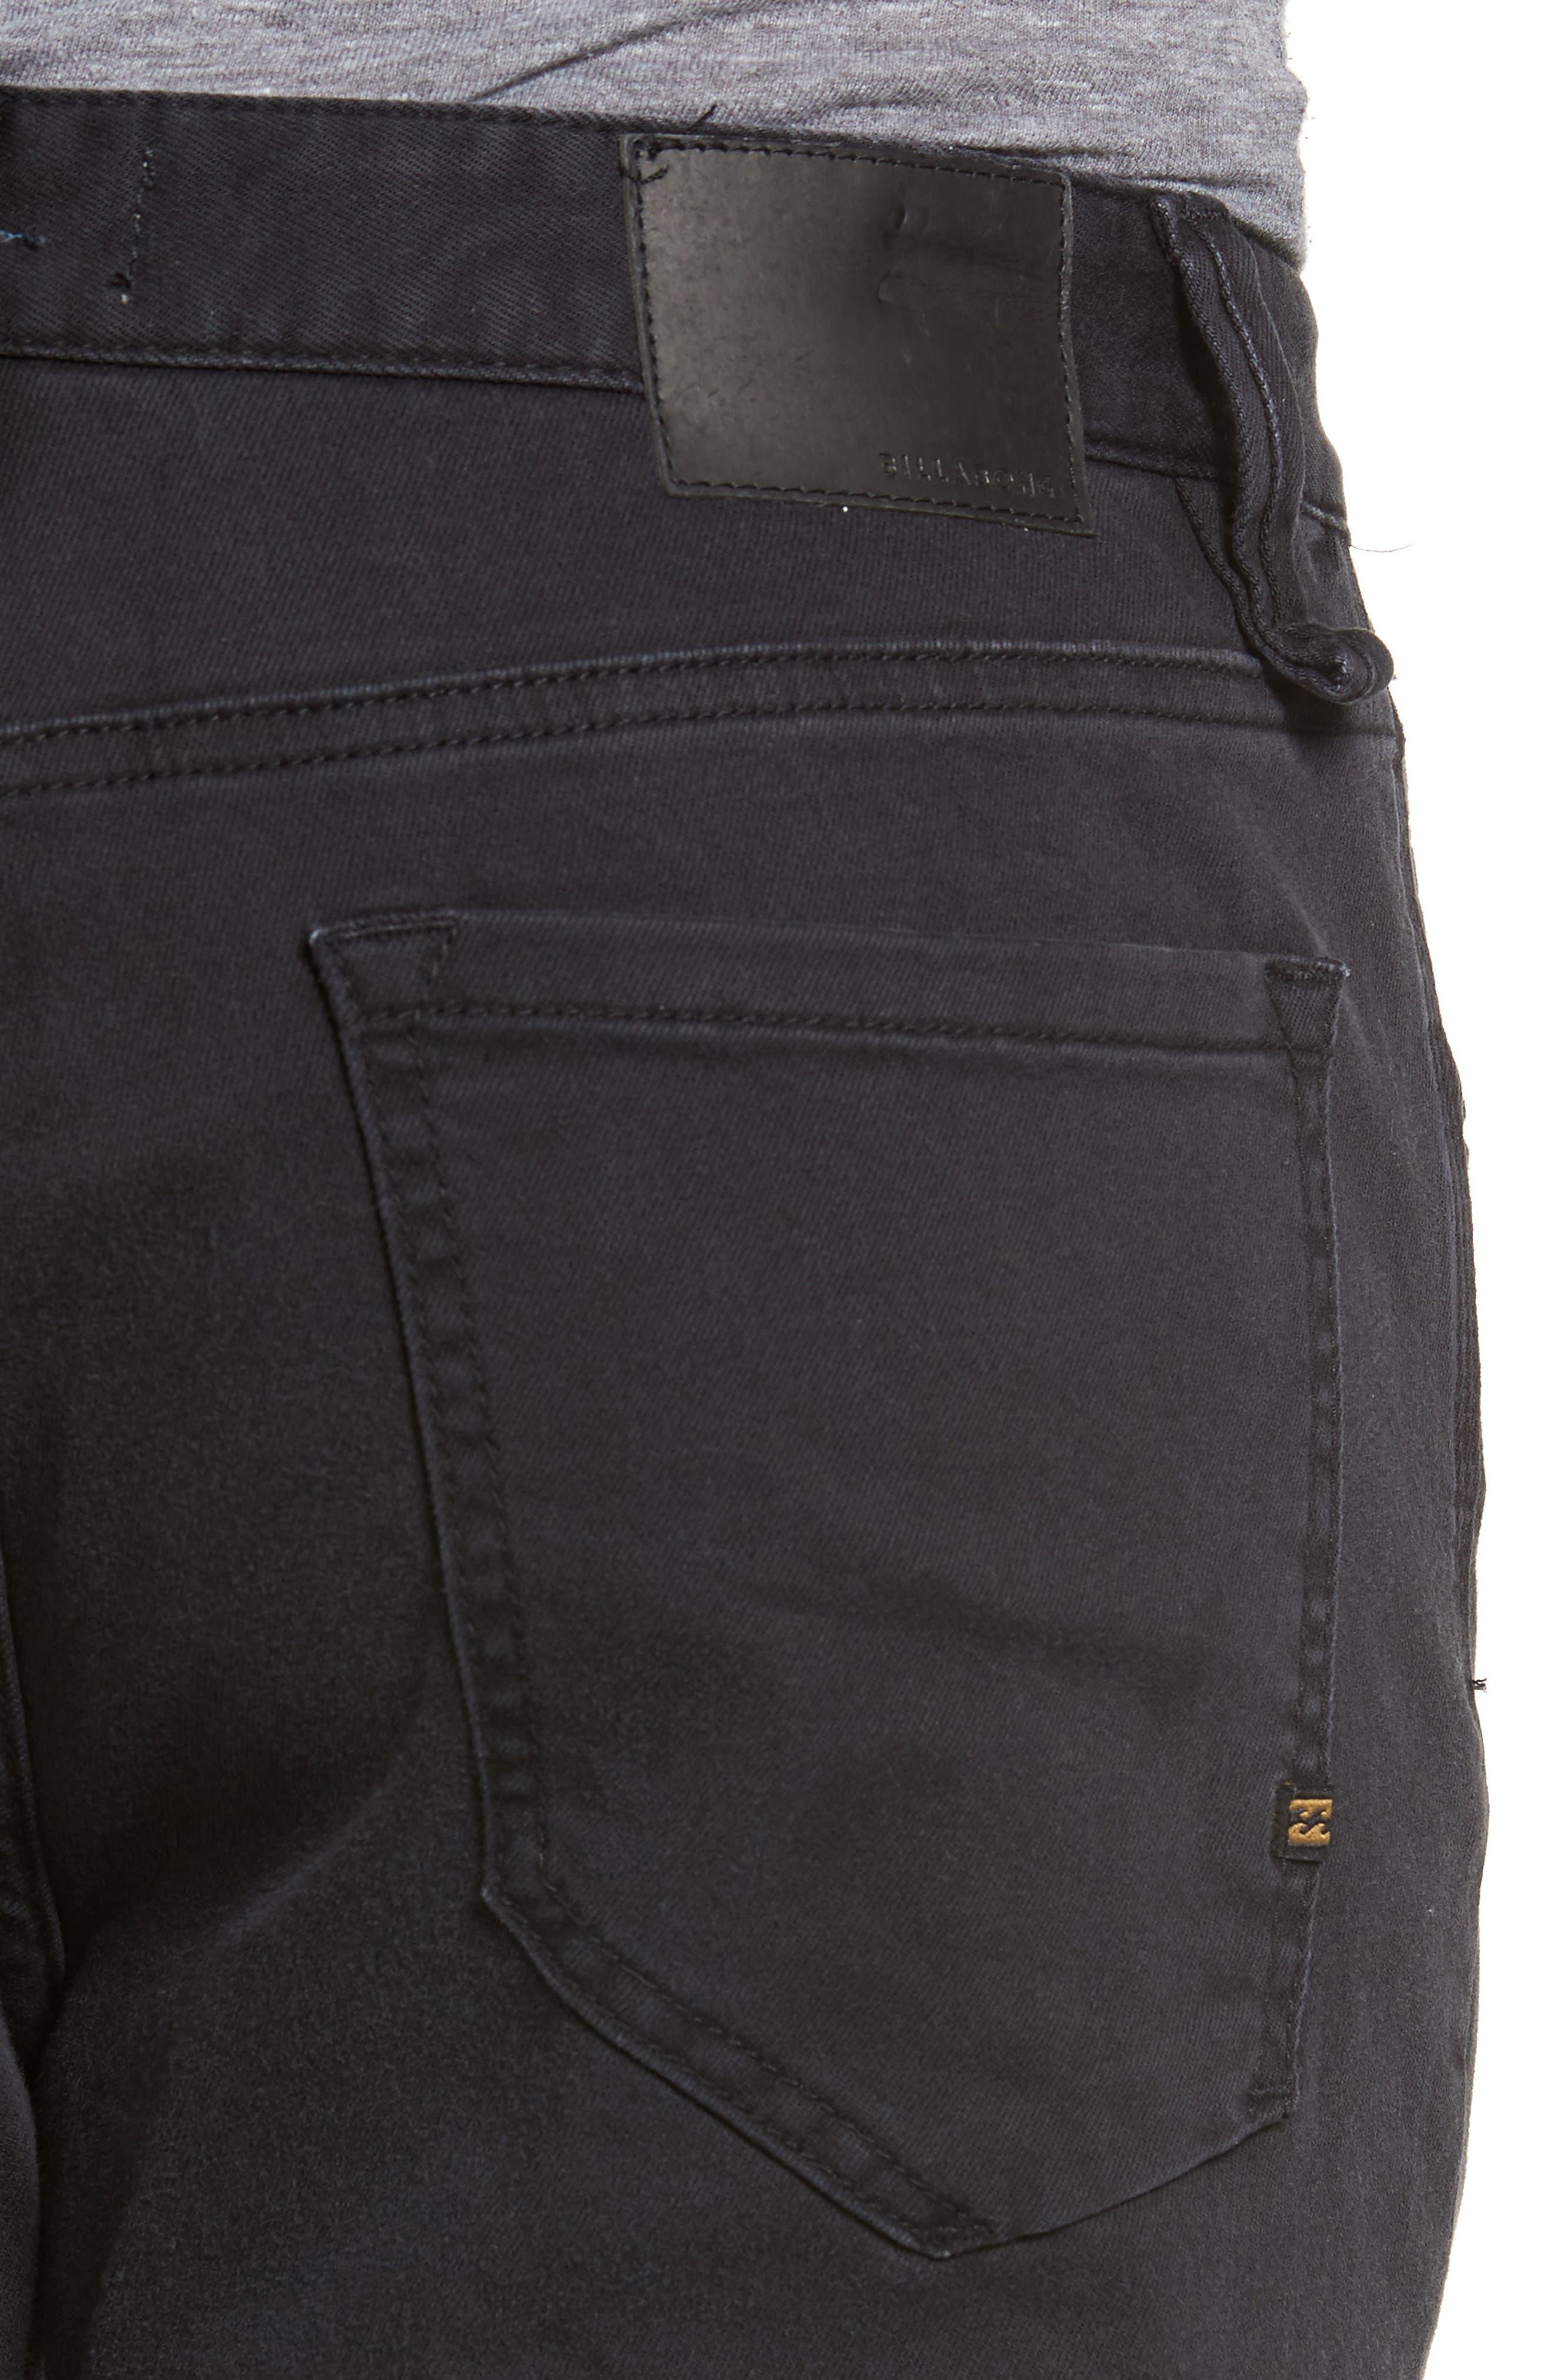 Outside Slim Straight Leg Jeans,                             Alternate thumbnail 4, color,                             011